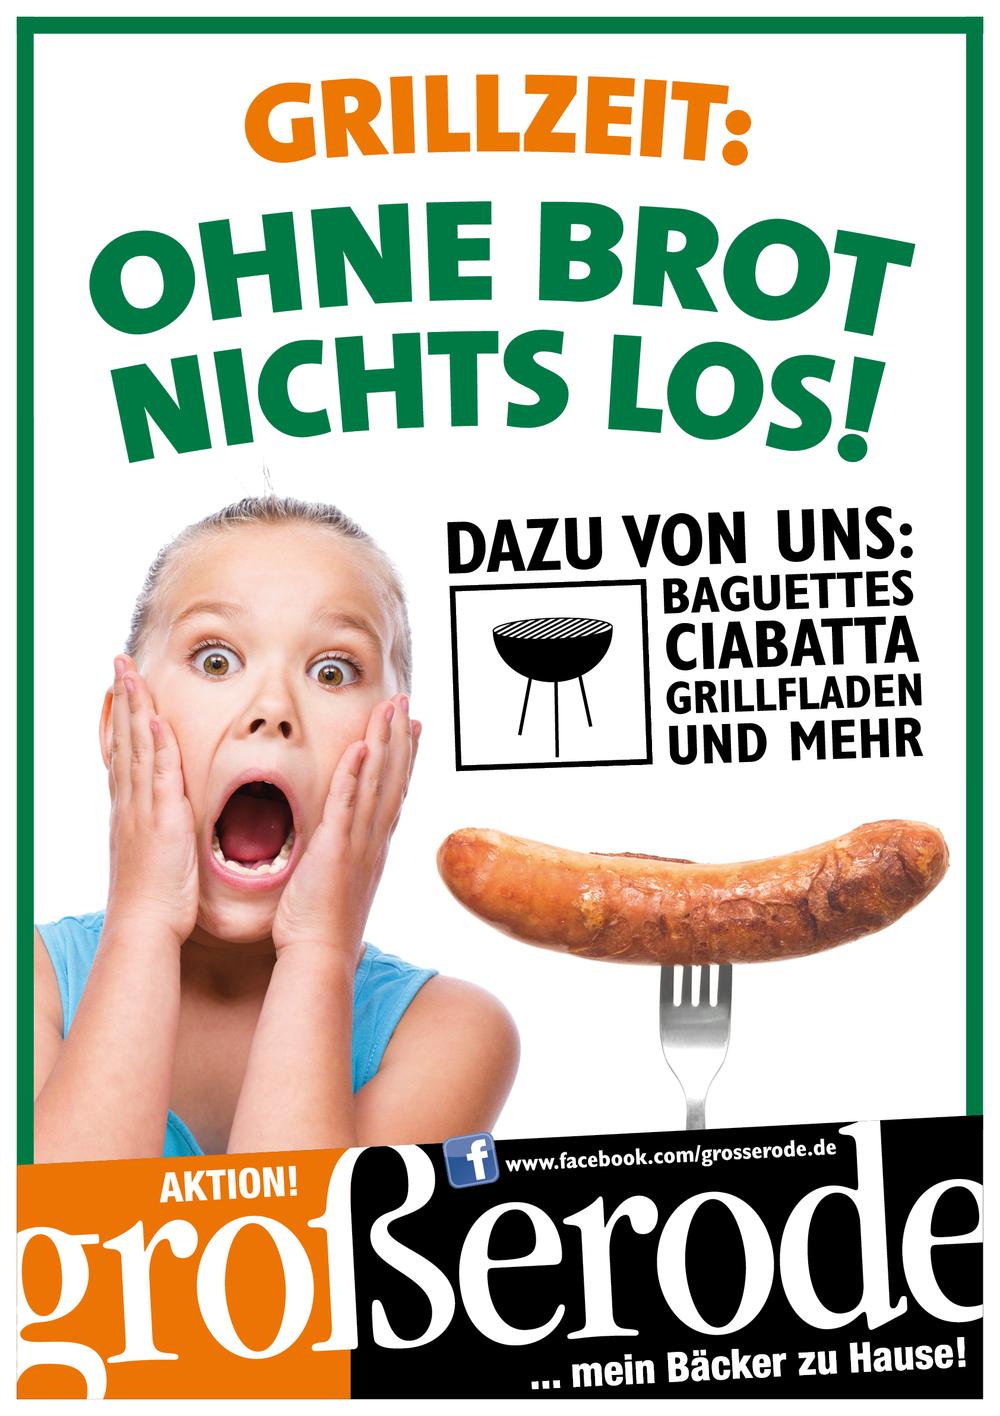 20160329_Grosserode_Grillzeit_Web.png